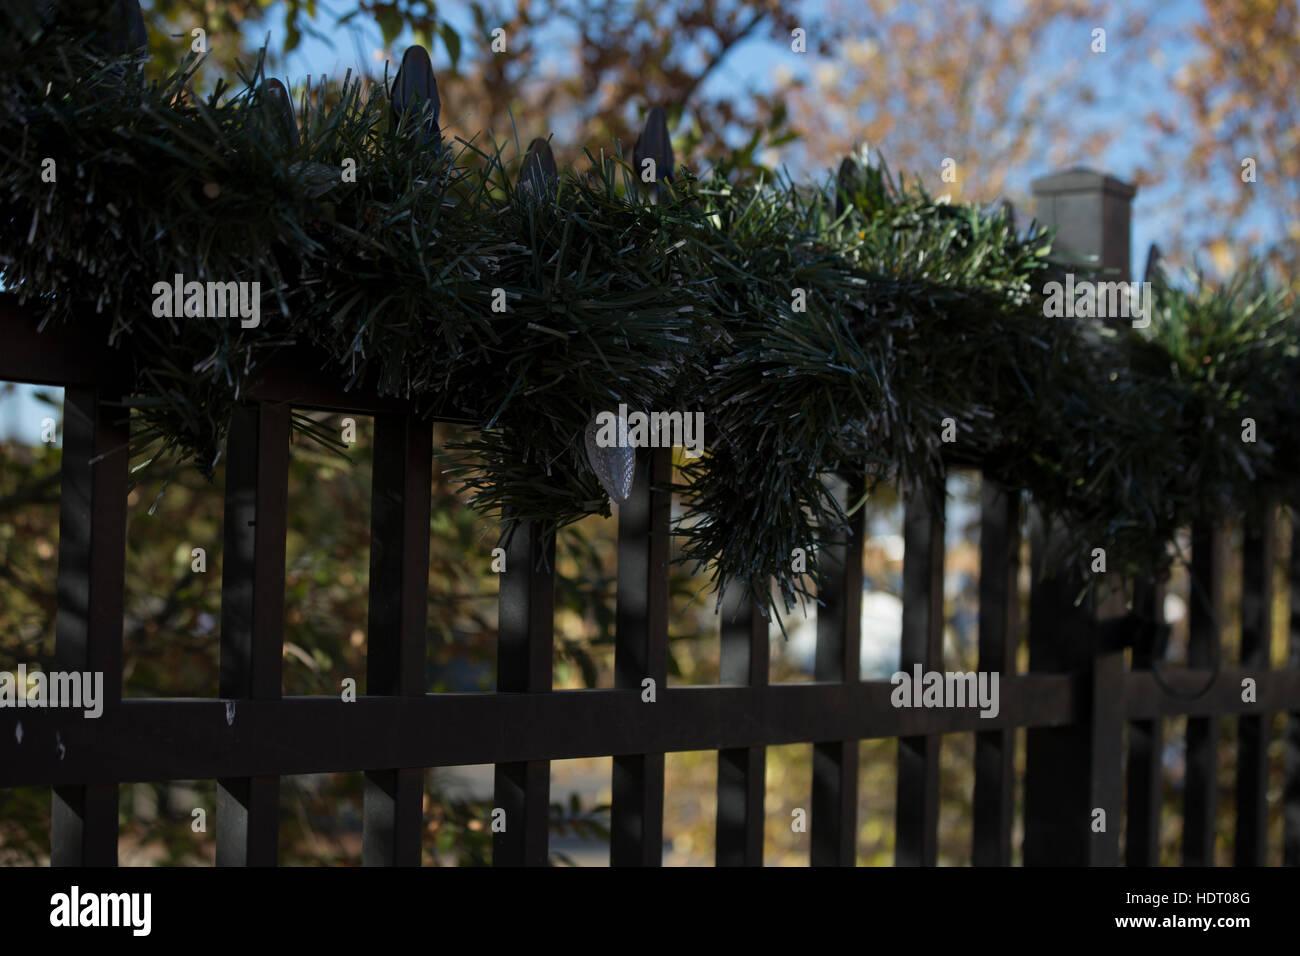 Weihnachtsbeleuchtung Kranz.Weihnachtsbeleuchtung Und Kranz Auf Einem Zaun Stockfoto Bild